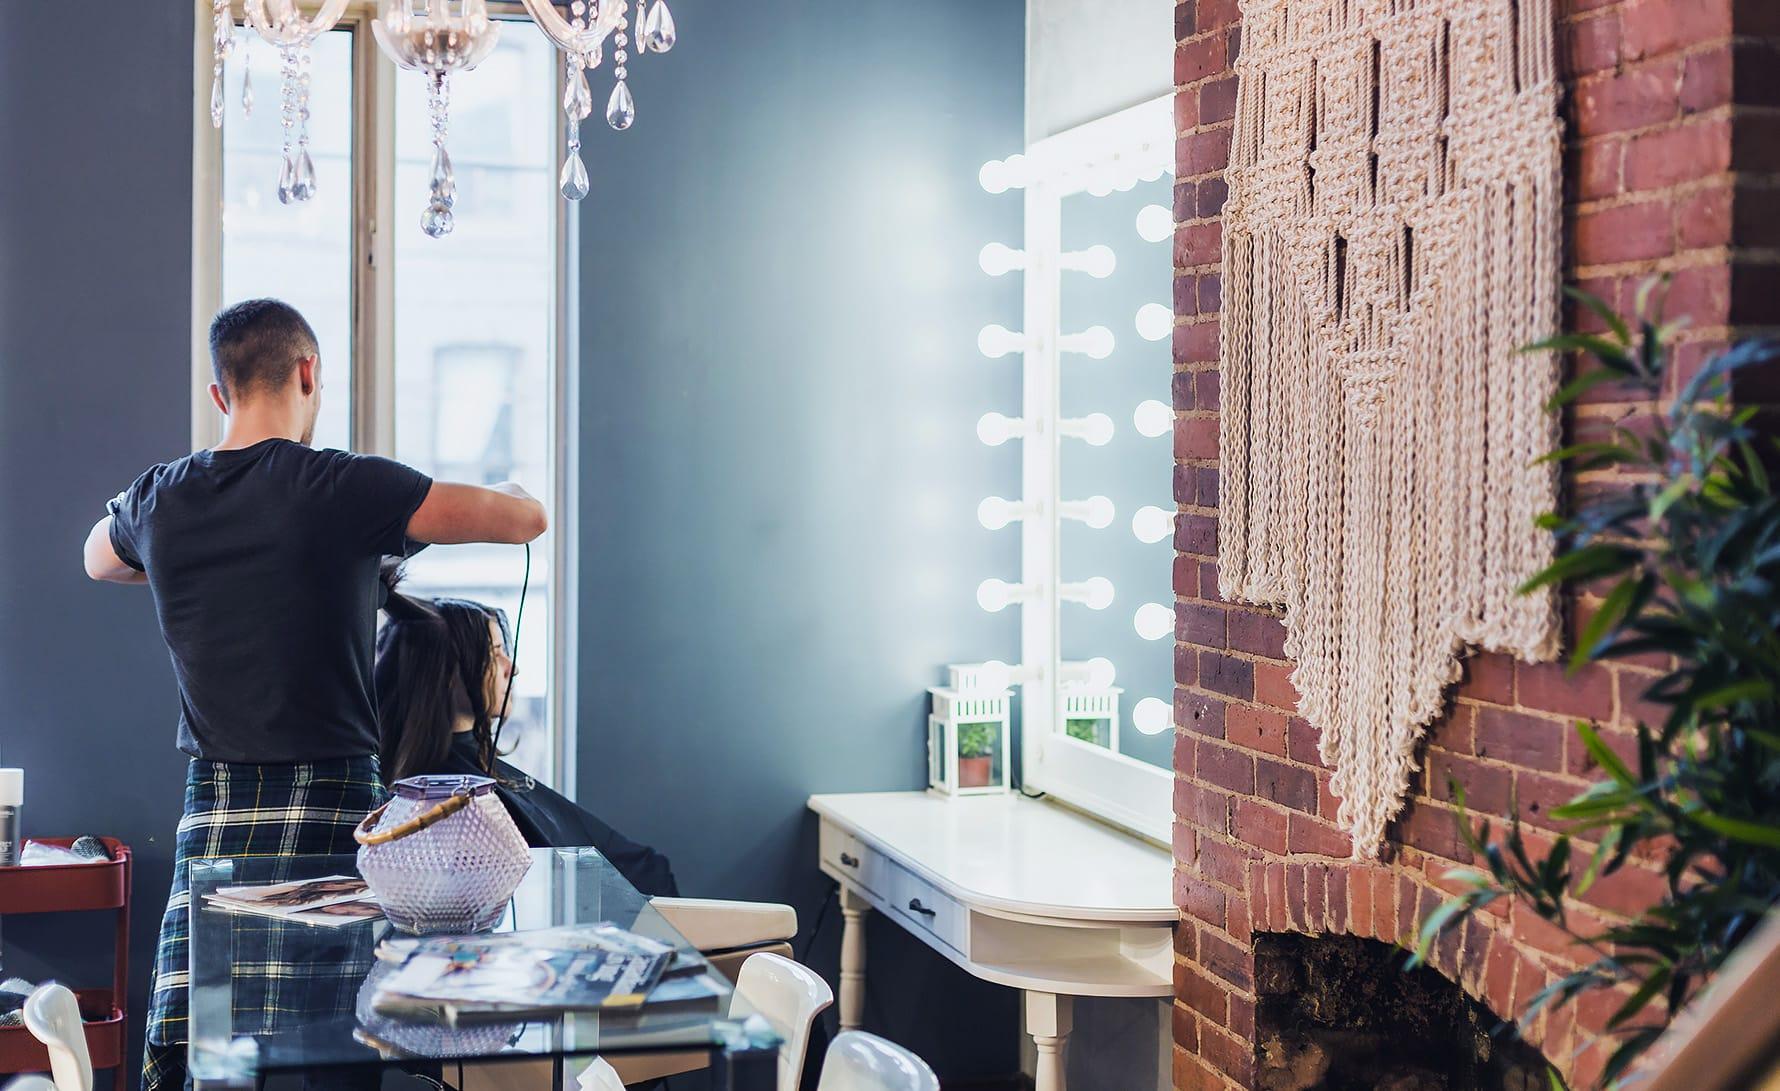 pristop do stranke, sušenje las